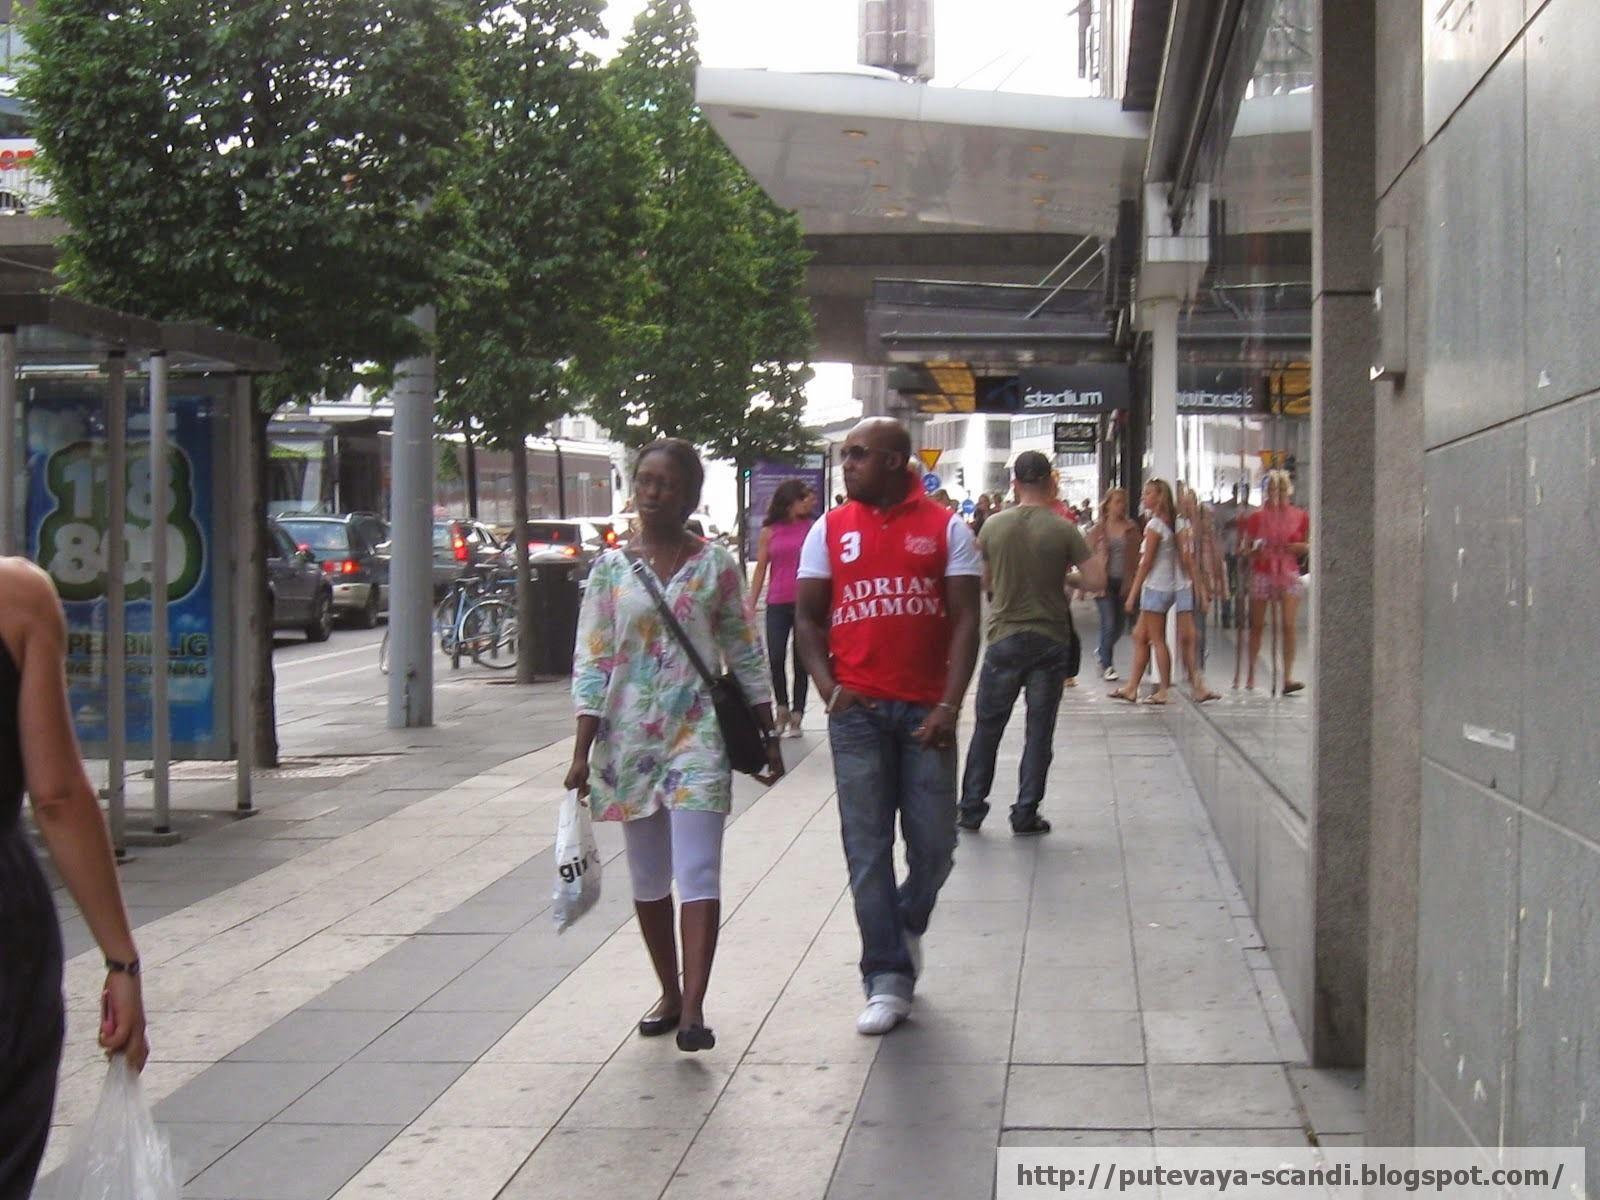 Walking through Stockholm